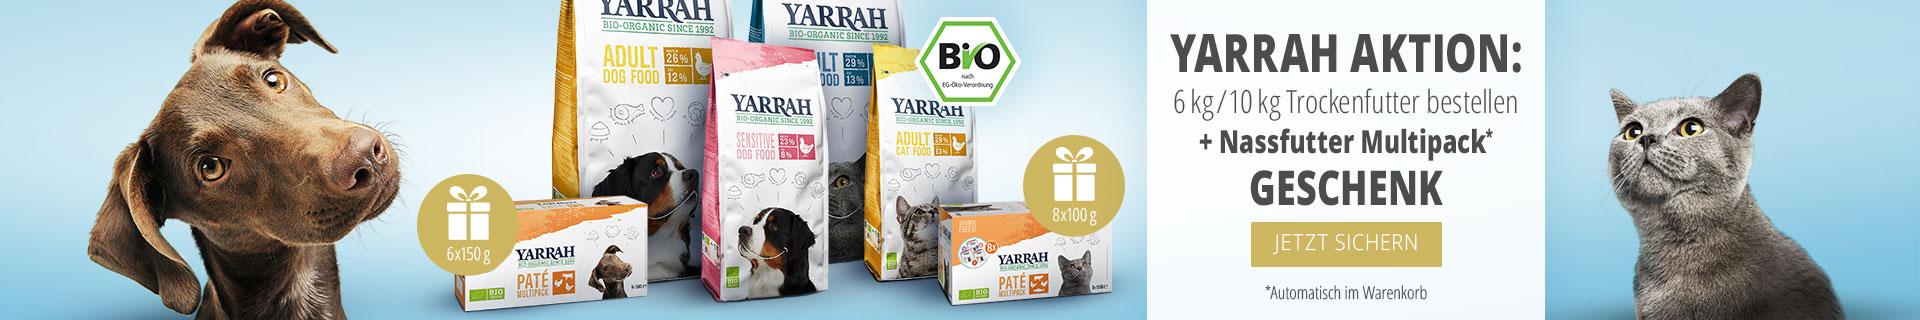 Yarrah Aktion: 6kg / 10kg Trockenfutter bestellen + Nassfutter Multipack geschenkt